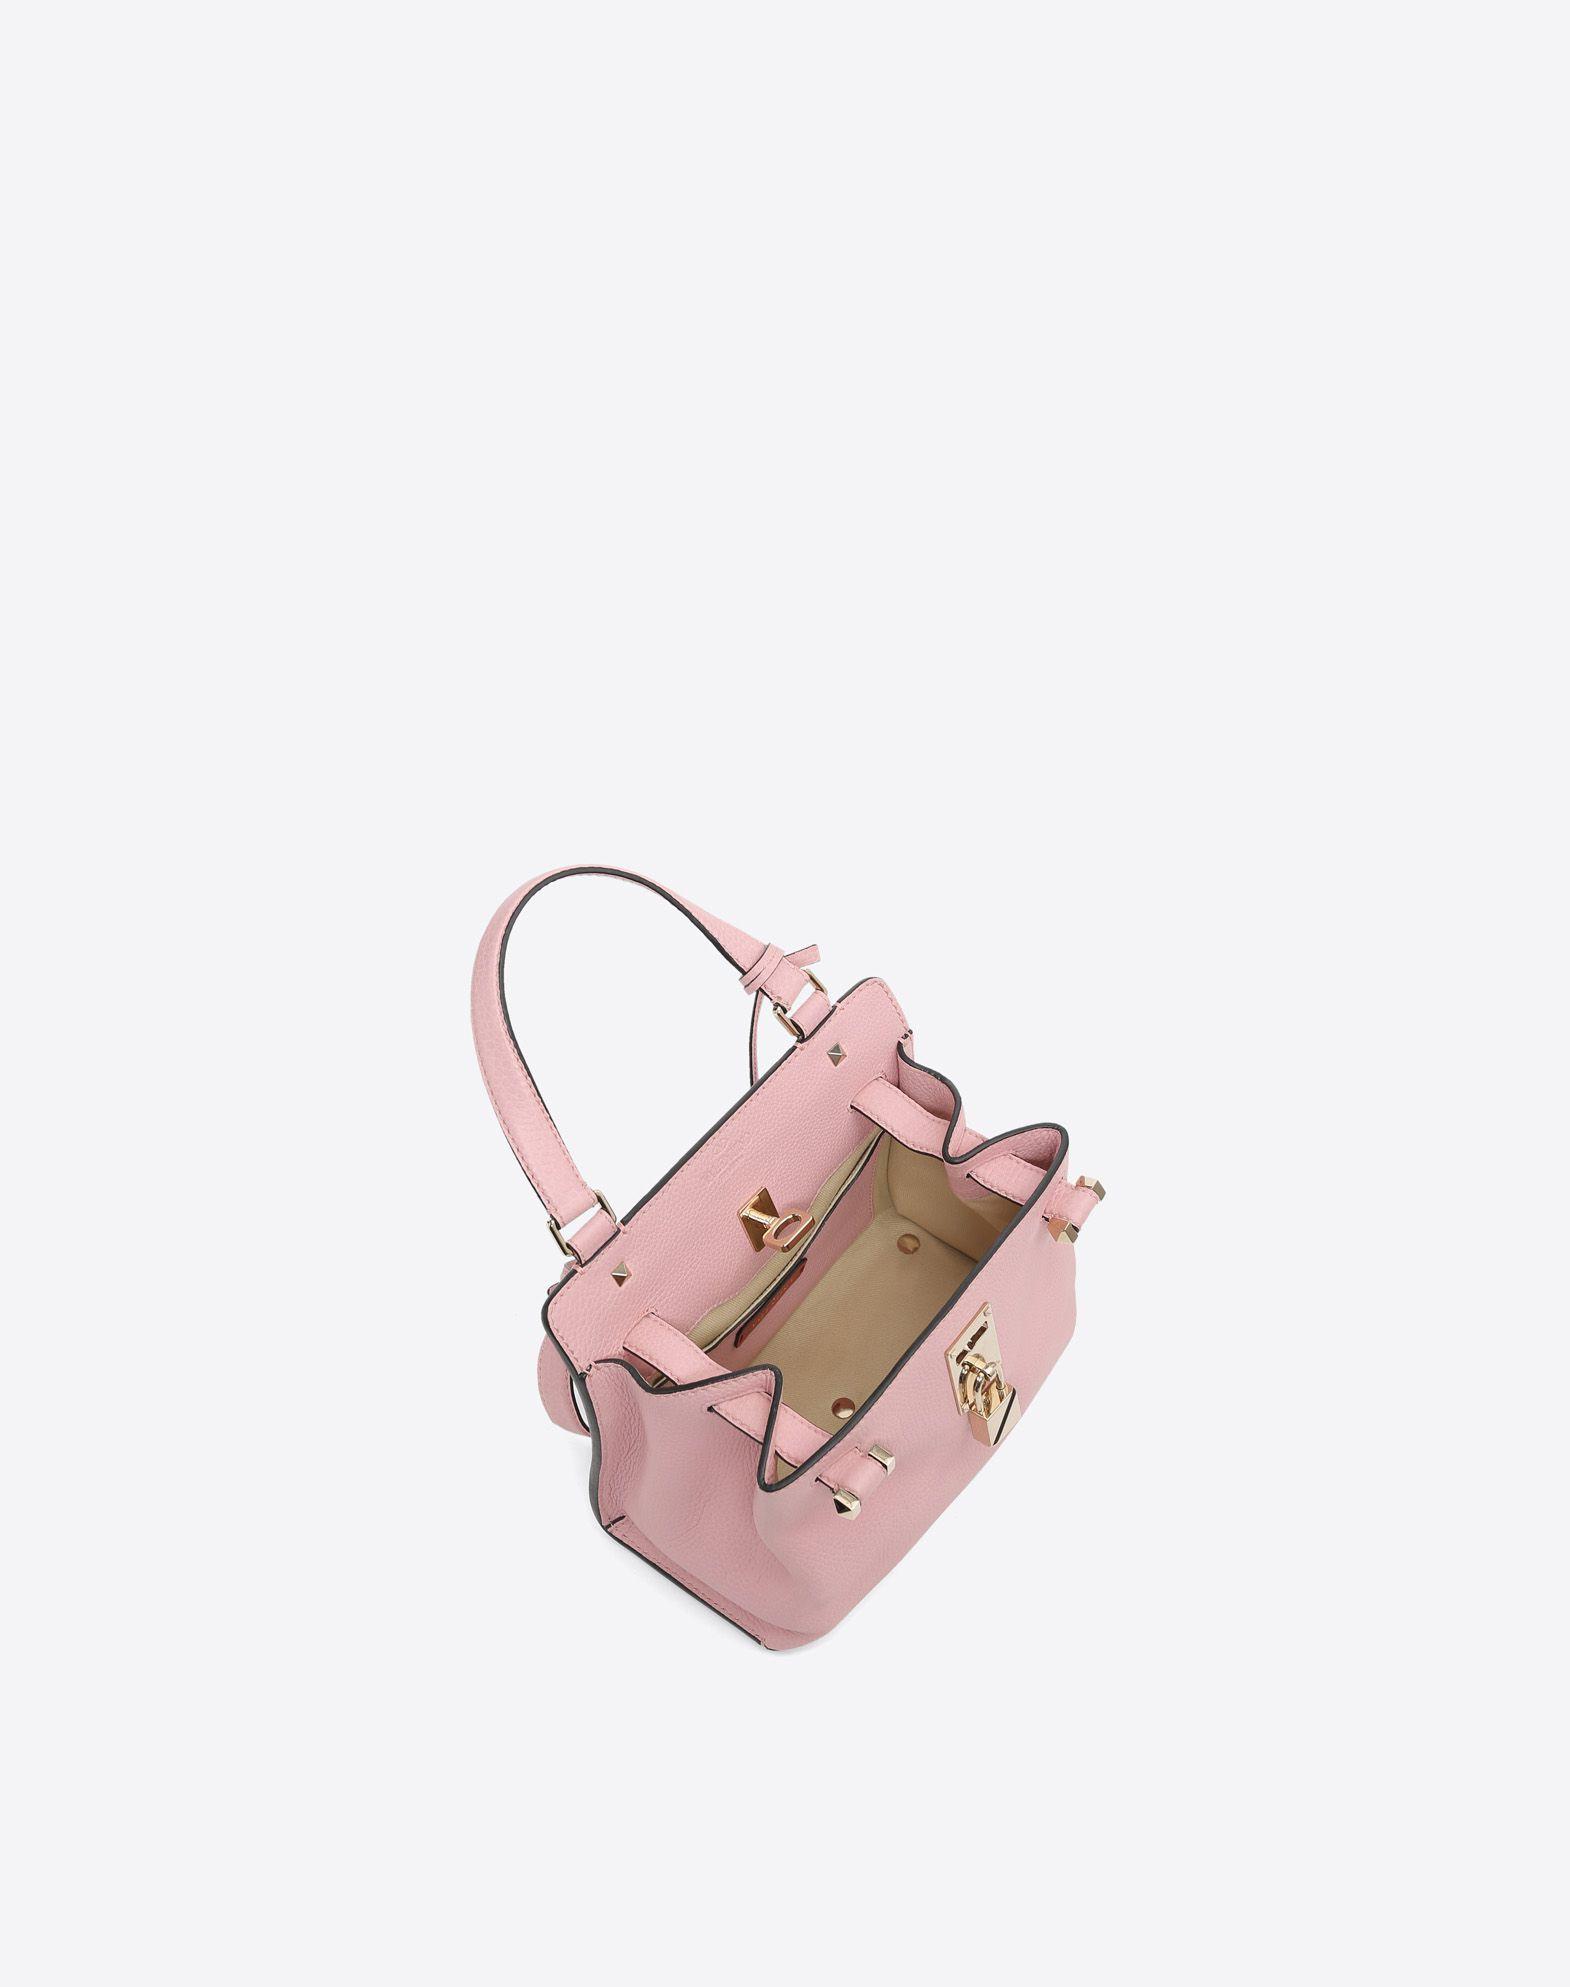 VALENTINO GARAVANI Joylock Small Handle Bag HANDBAG D e